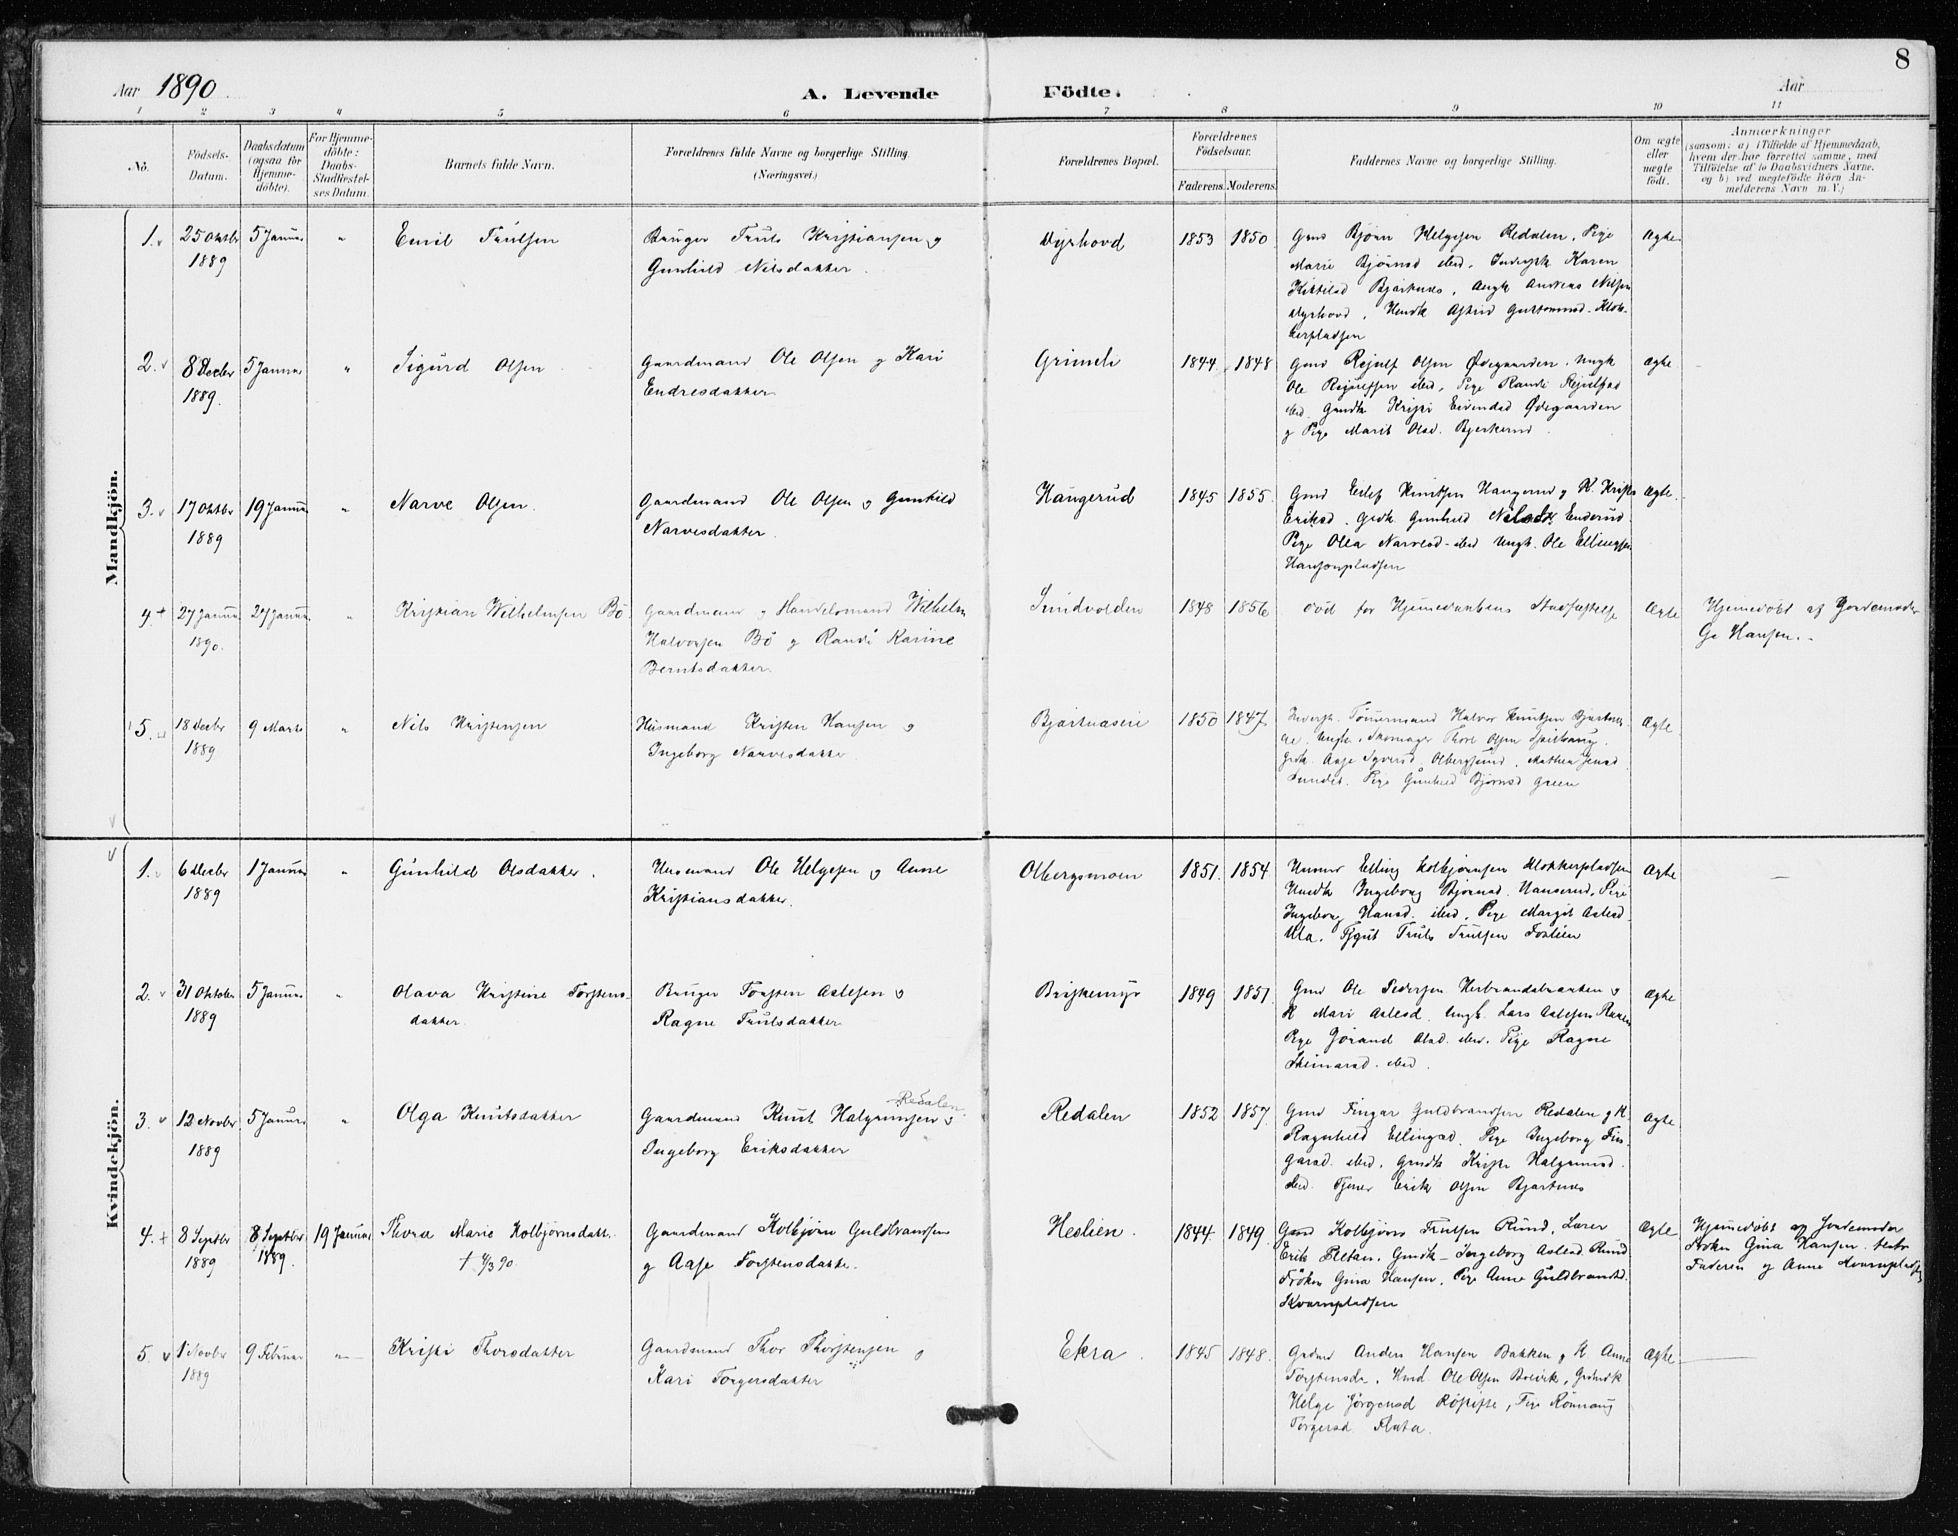 SAKO, Krødsherad kirkebøker, F/Fa/L0006: Ministerialbok nr. 6, 1889-1899, s. 8